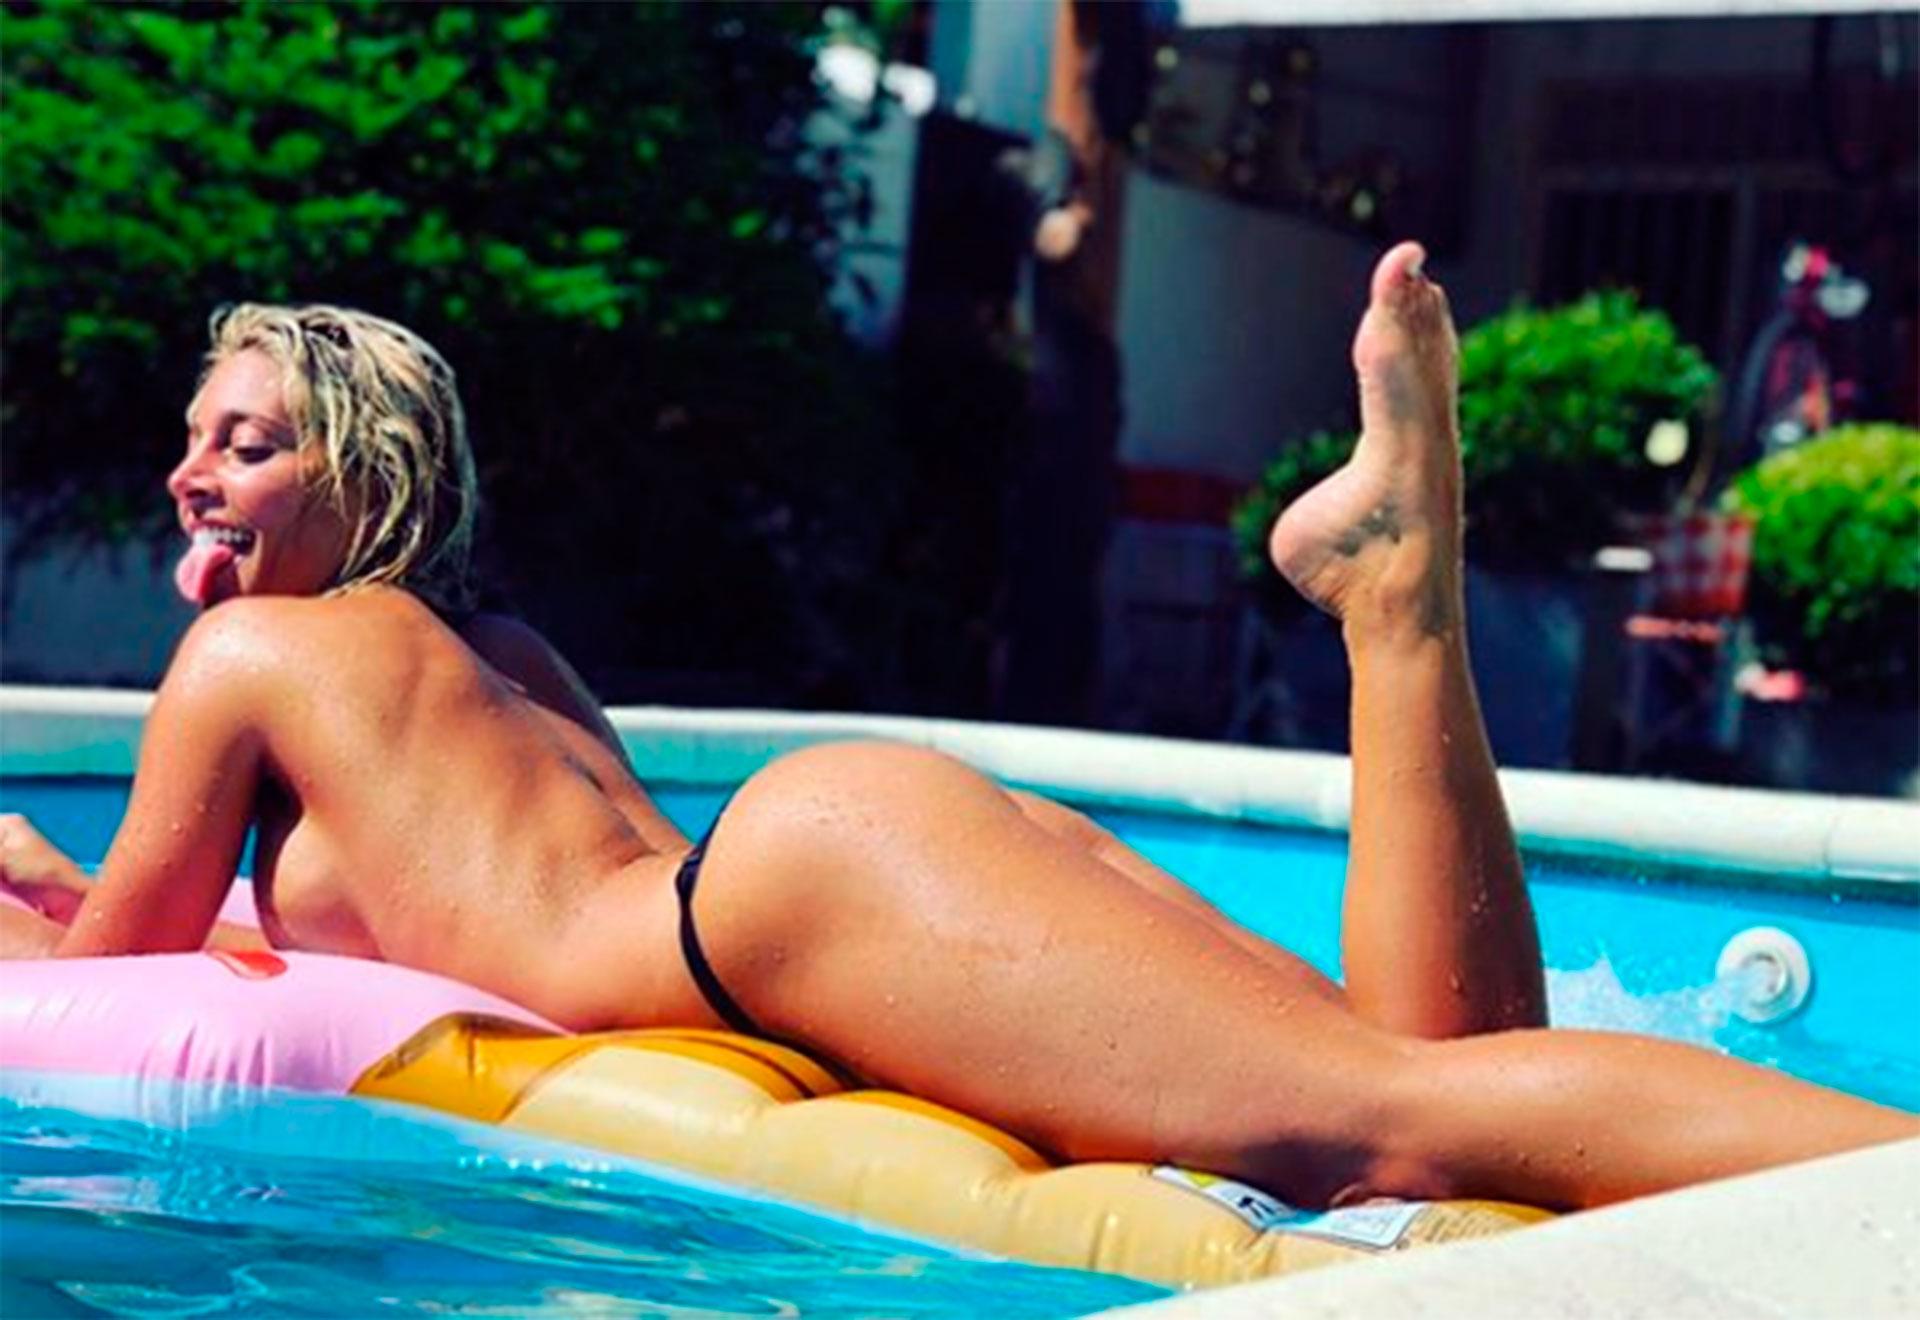 ¡Una diosa! Sol Pérez mostró sus cuvas perfectas en Instagram